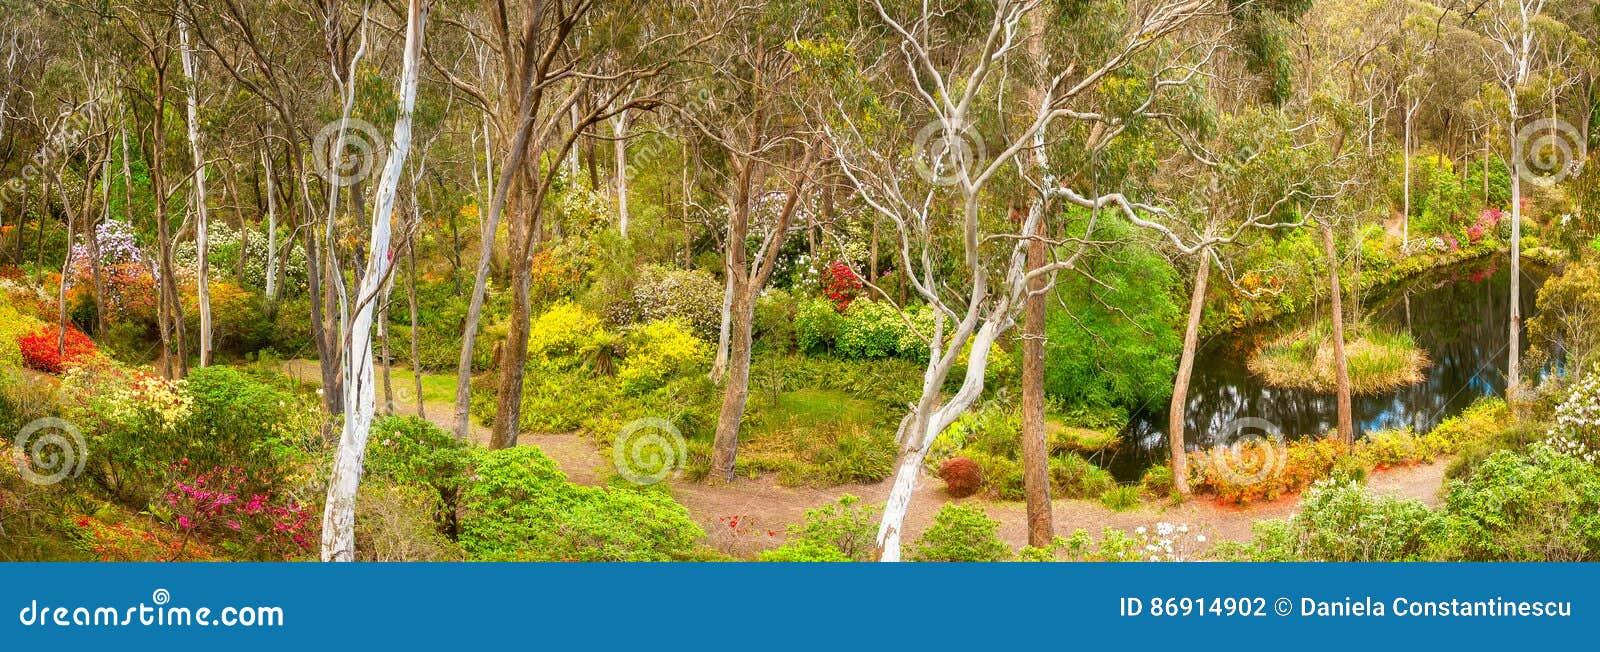 Rhododendron garden panorama